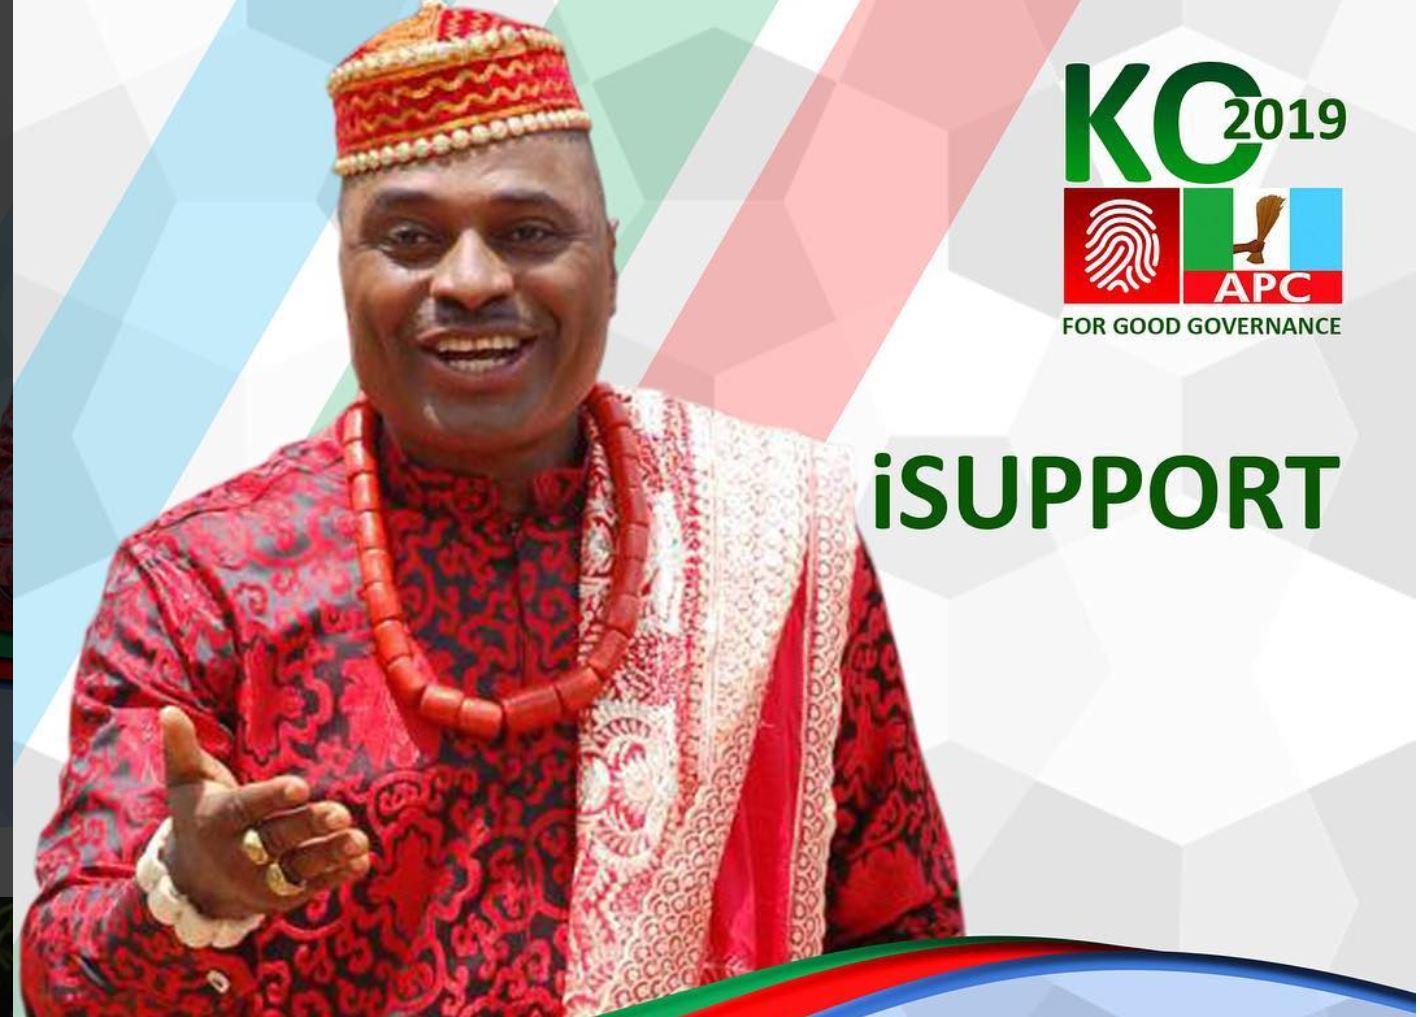 Kenneth Okonkwo